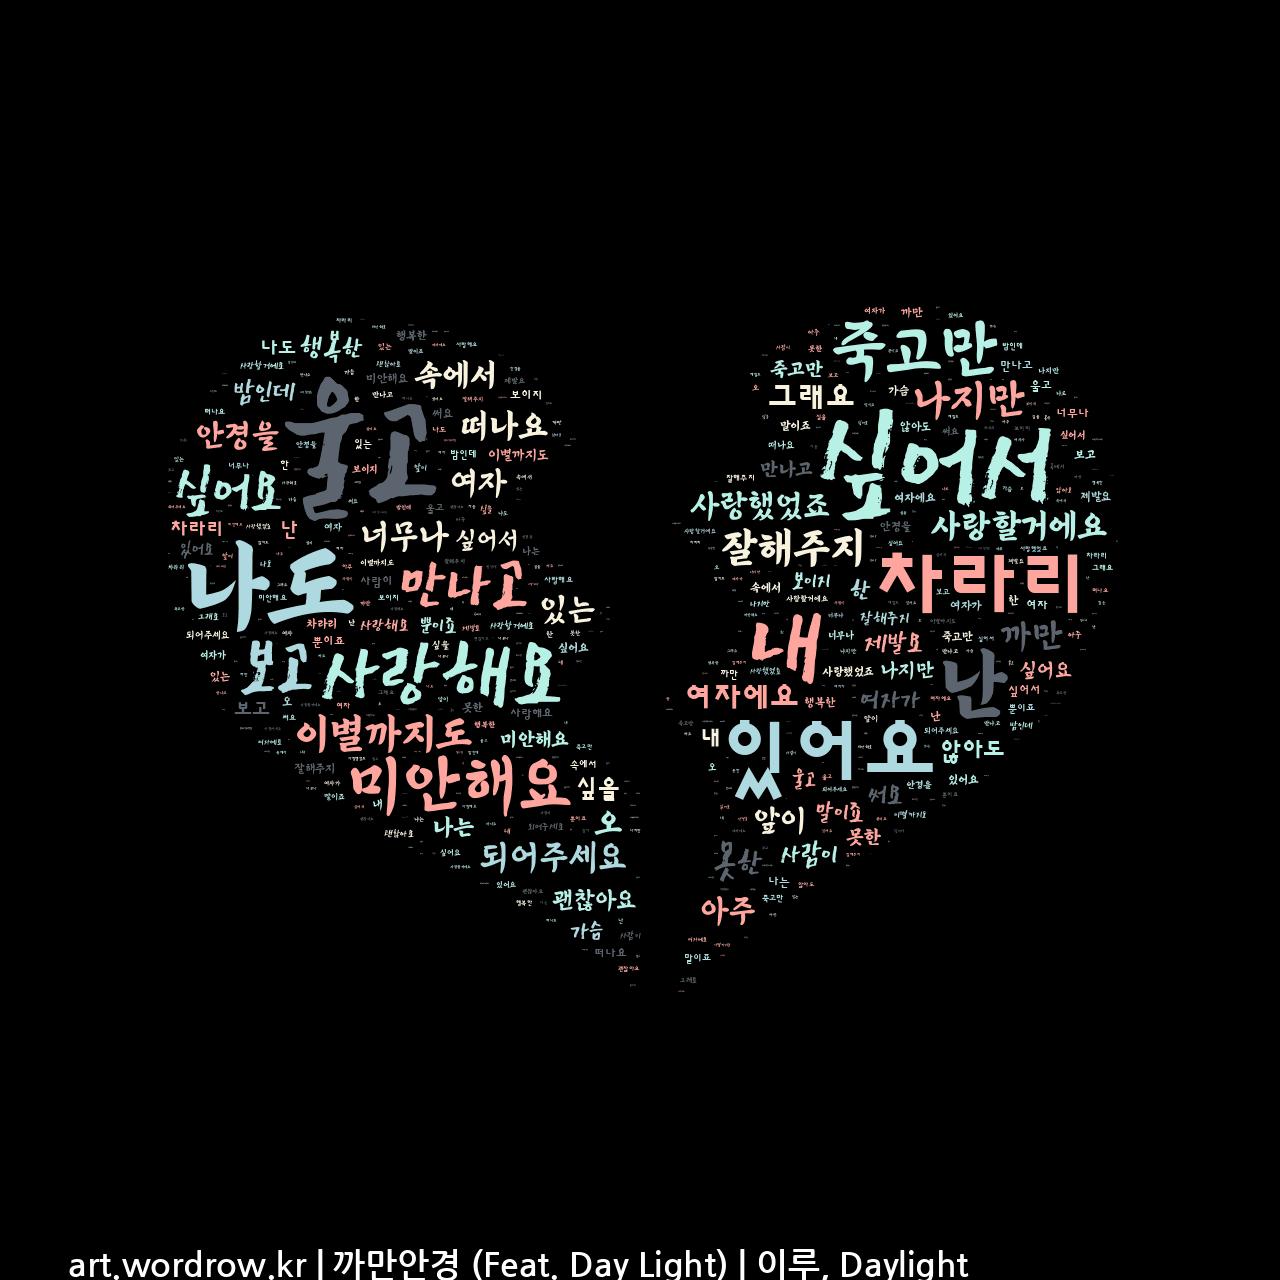 워드 클라우드: 까만안경 (Feat. Day Light) [이루, Daylight]-35